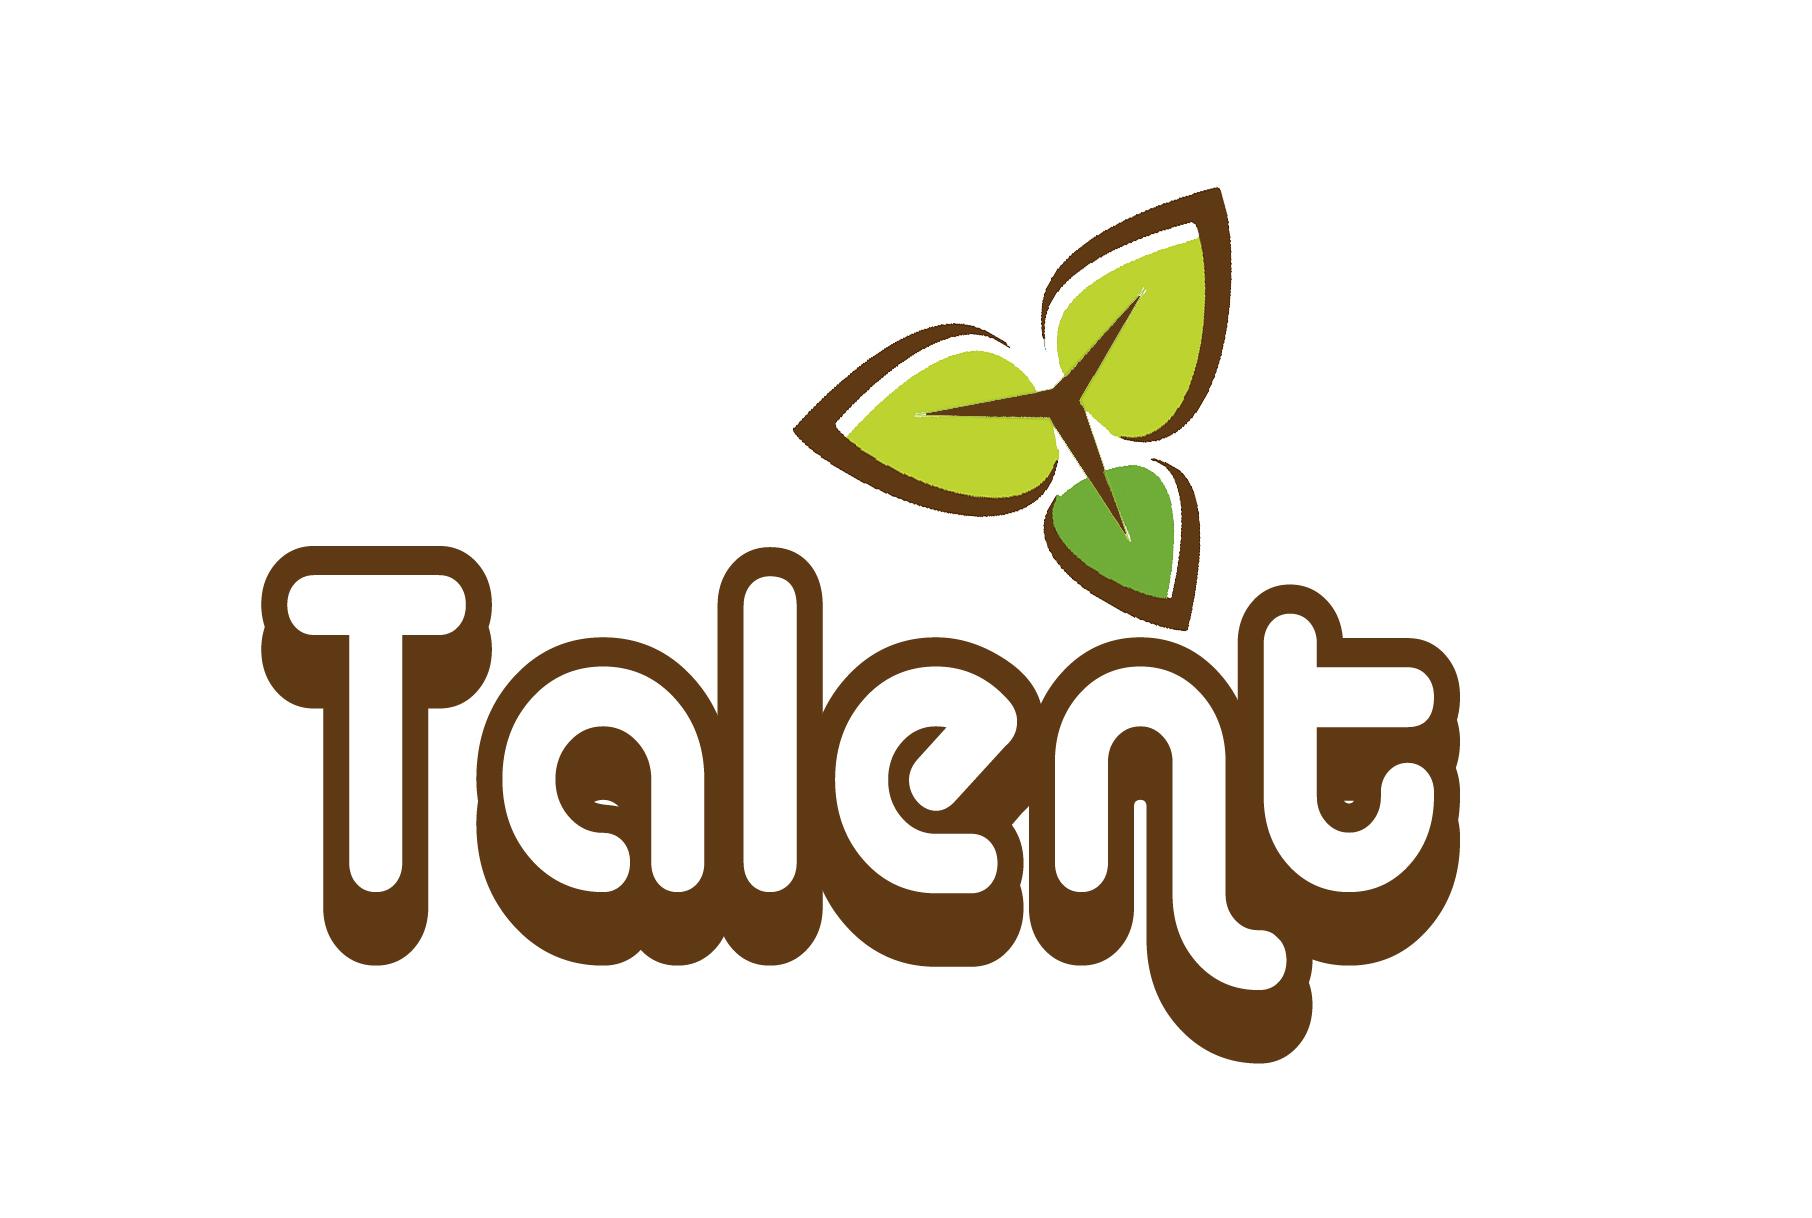 logo logo 标志 设计 矢量 矢量图 素材 图标 1812_1218